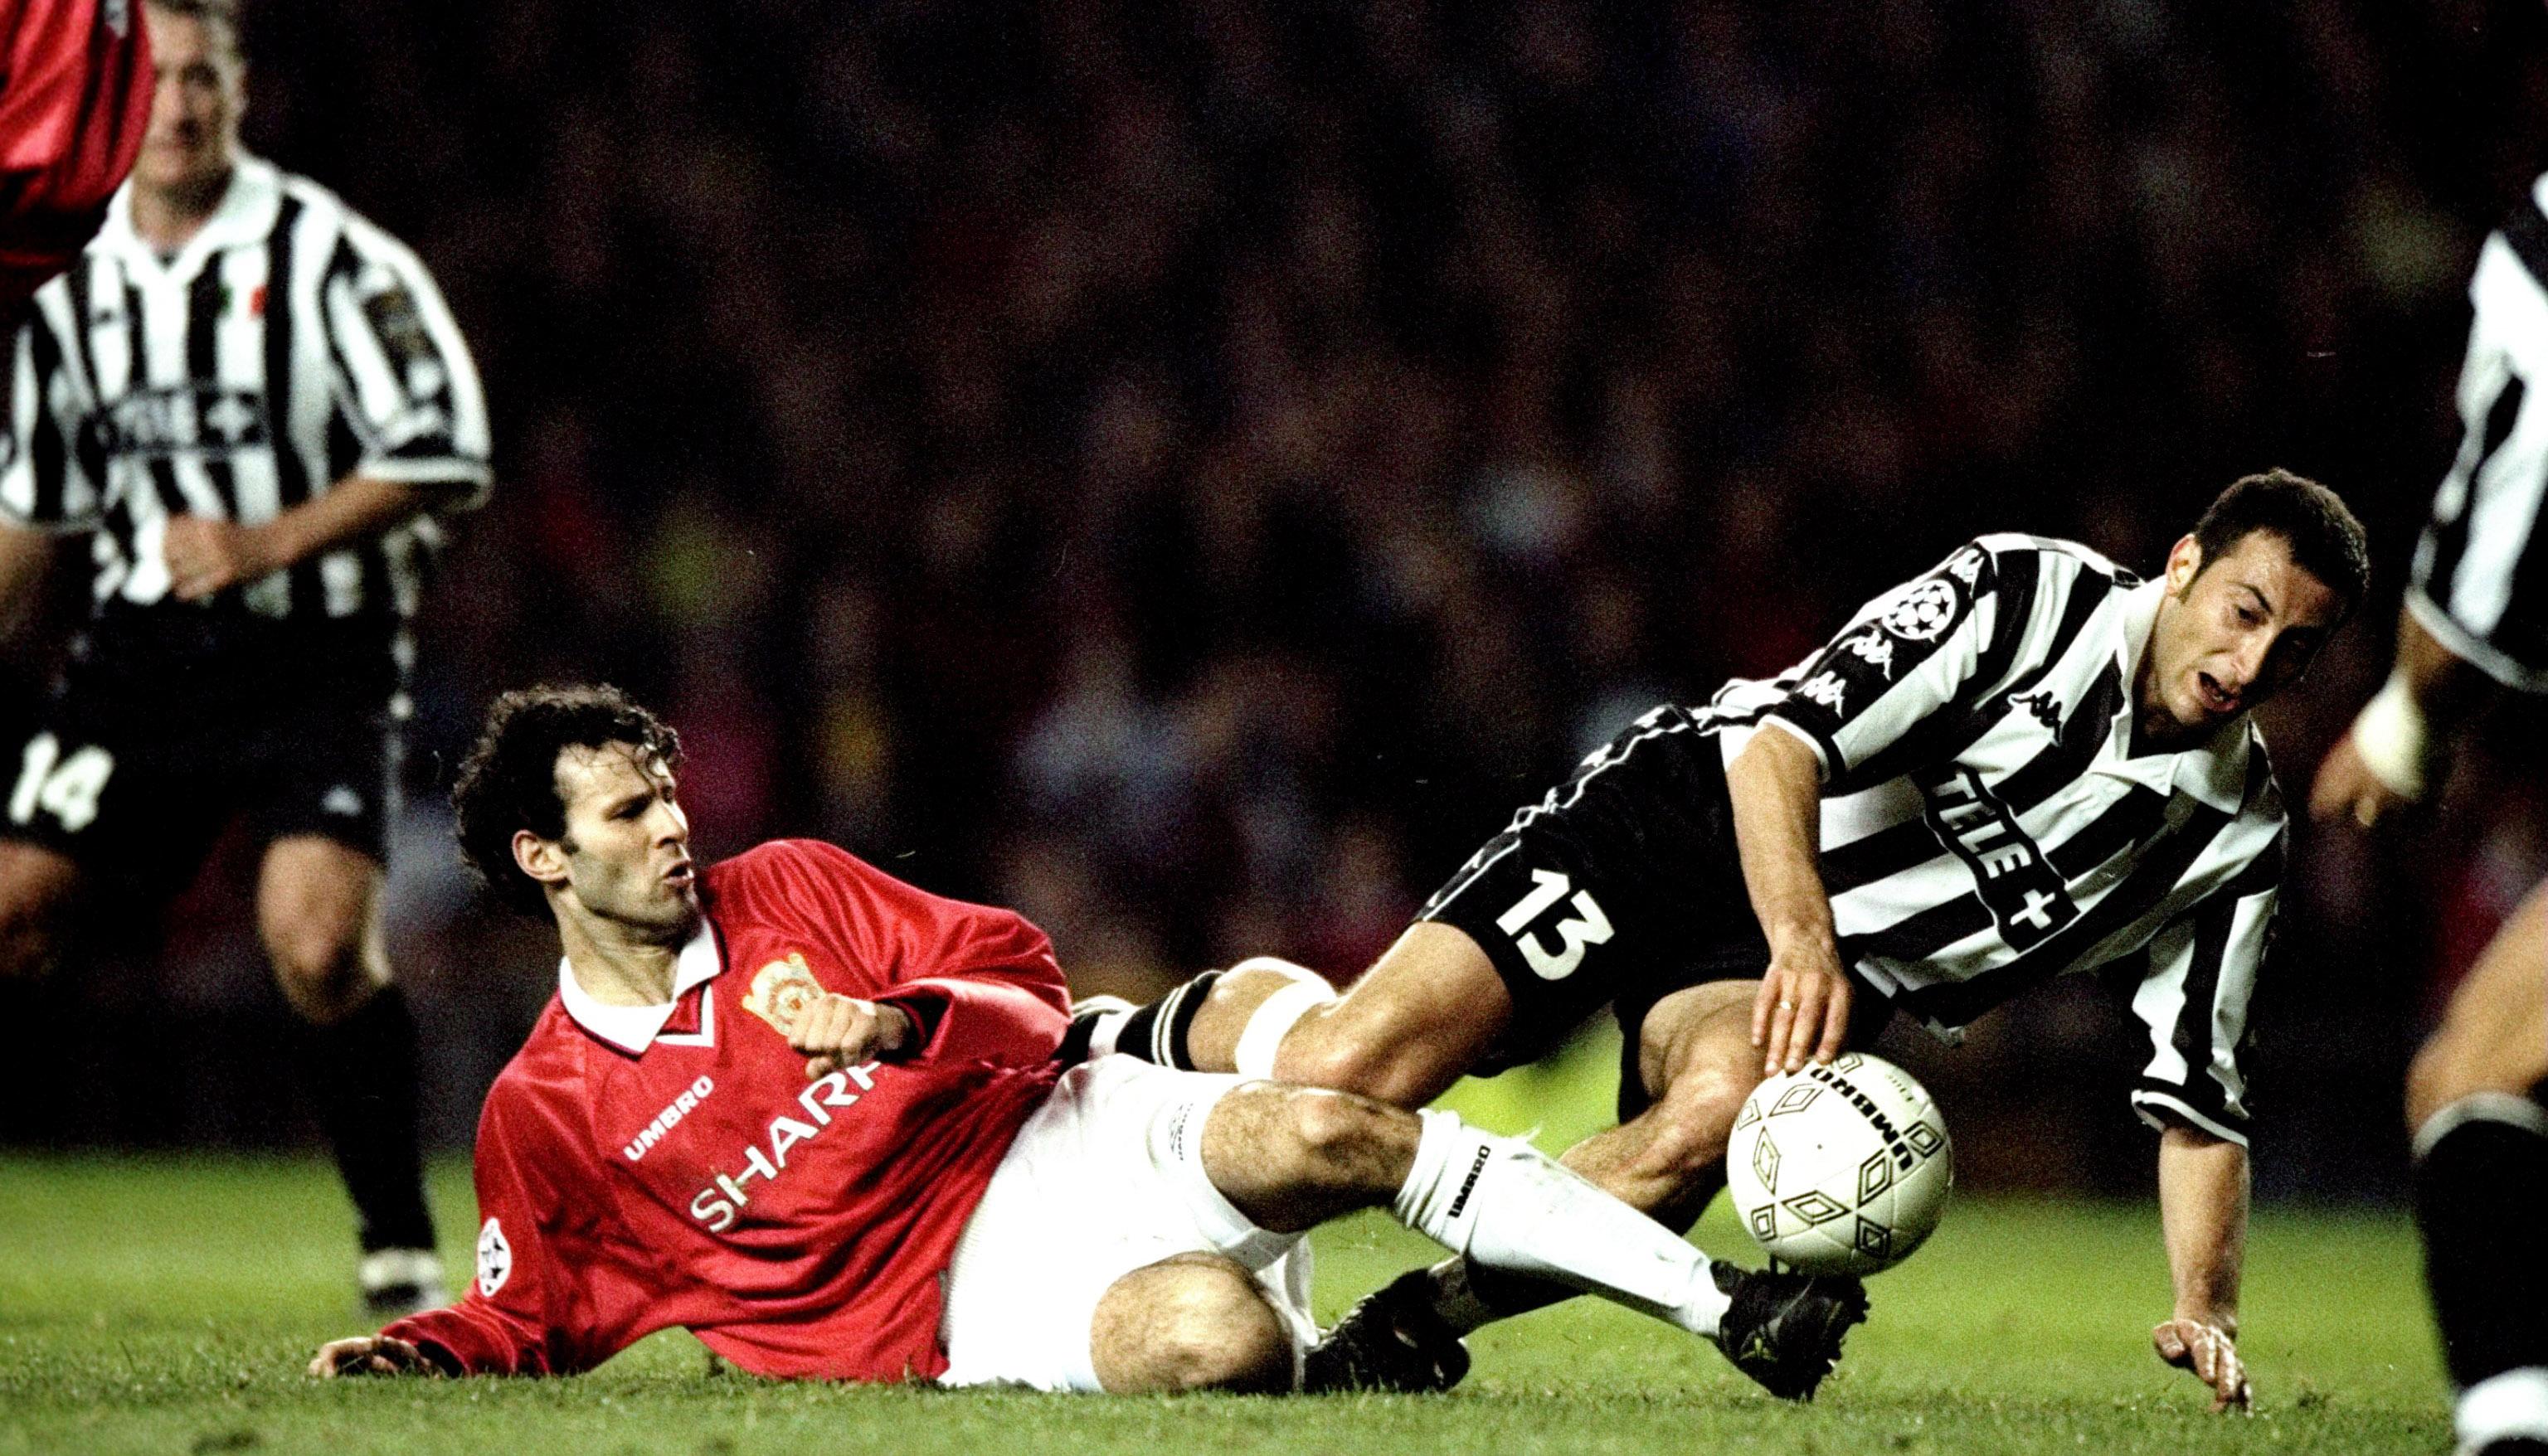 Manchester United – Juventus Turin: Ein Klassiker lebt wieder auf